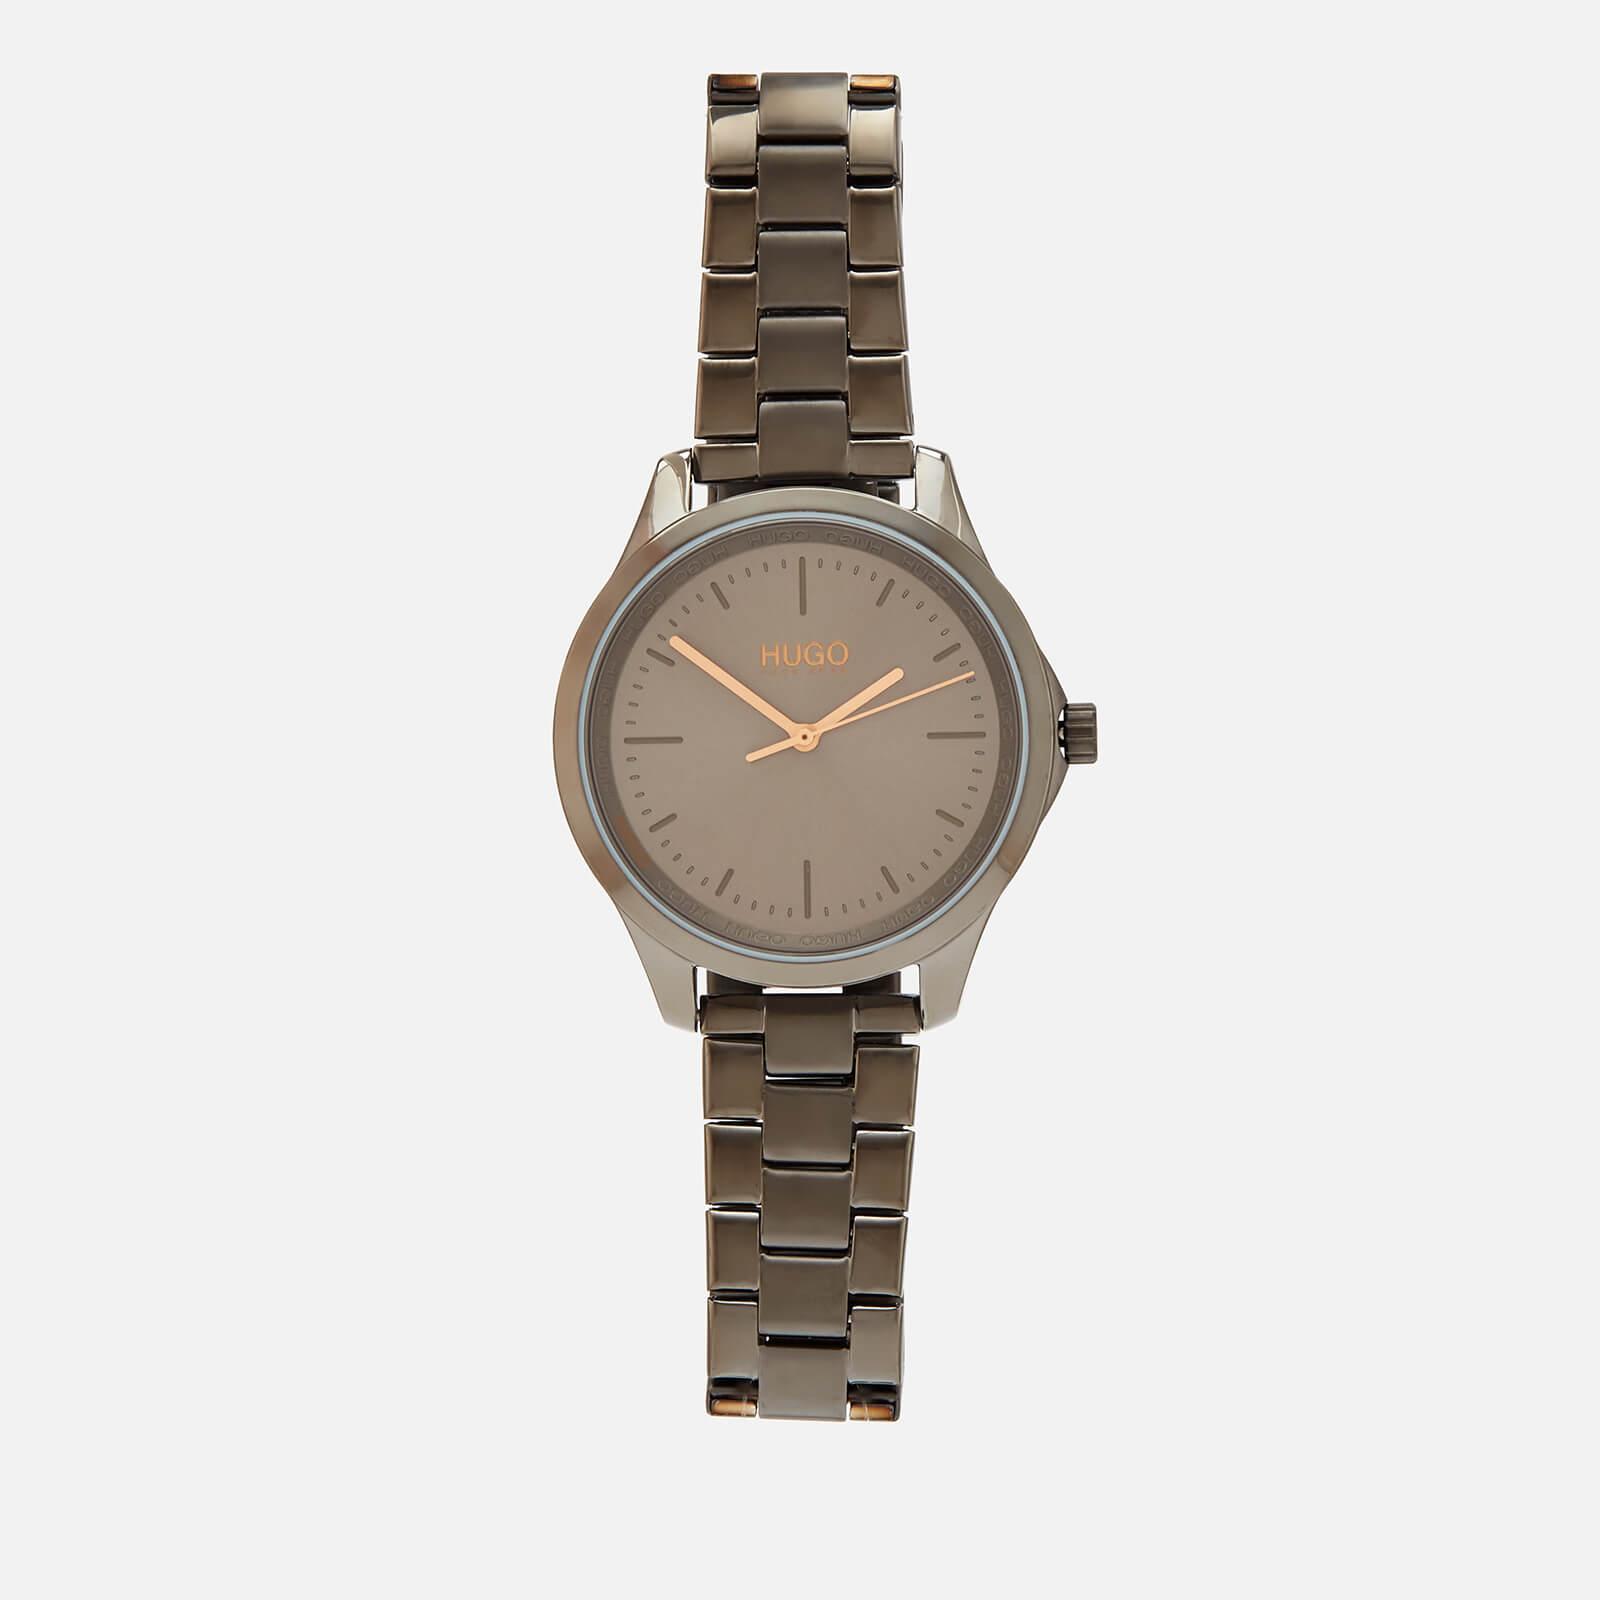 Hugo Boss Women's Fearless Metal Strap Watch - Grey